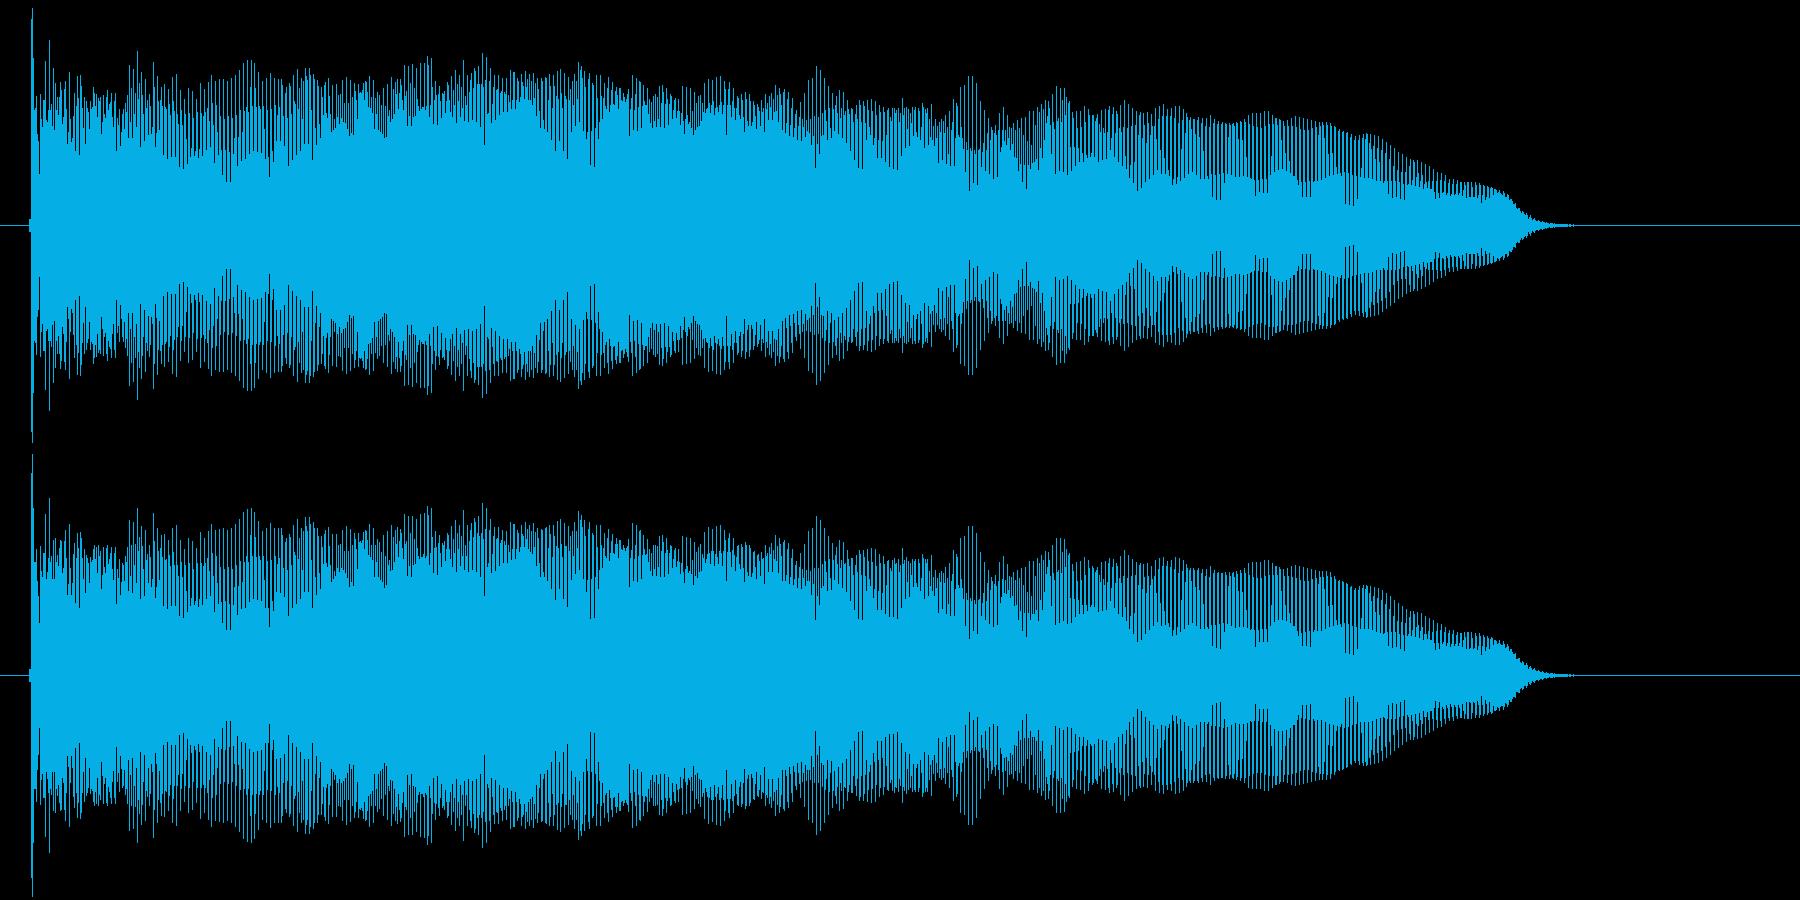 ワープをする音の再生済みの波形